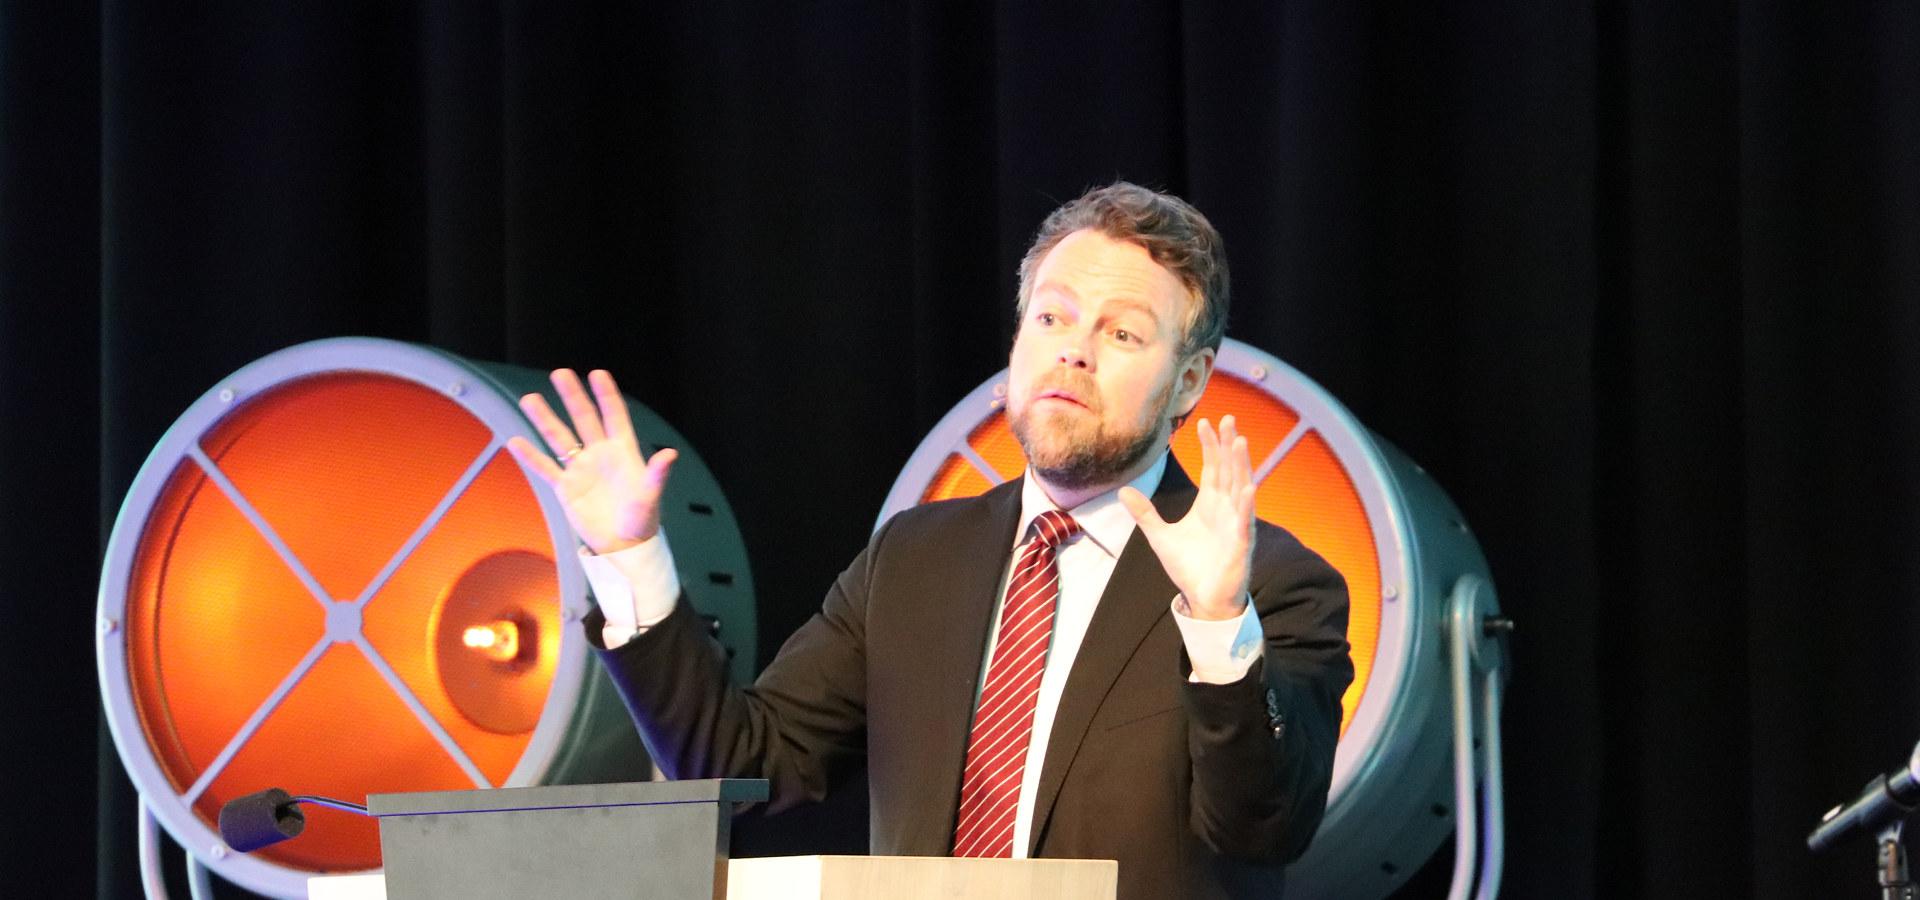 Thorbjørn Røe Isaksen